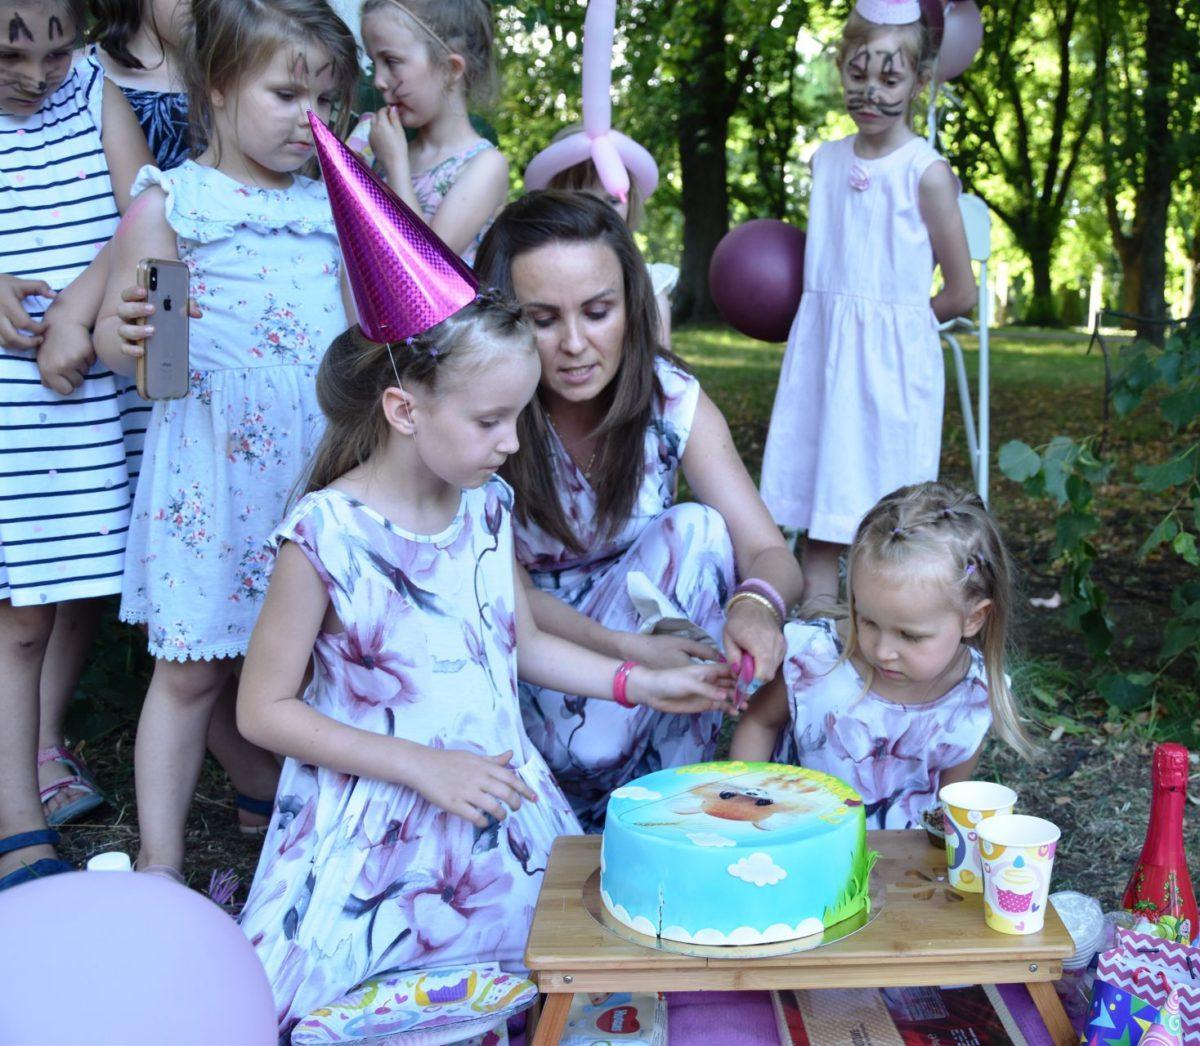 Pomysł na urodziny w plenerze – piknik z przyjaciółmi